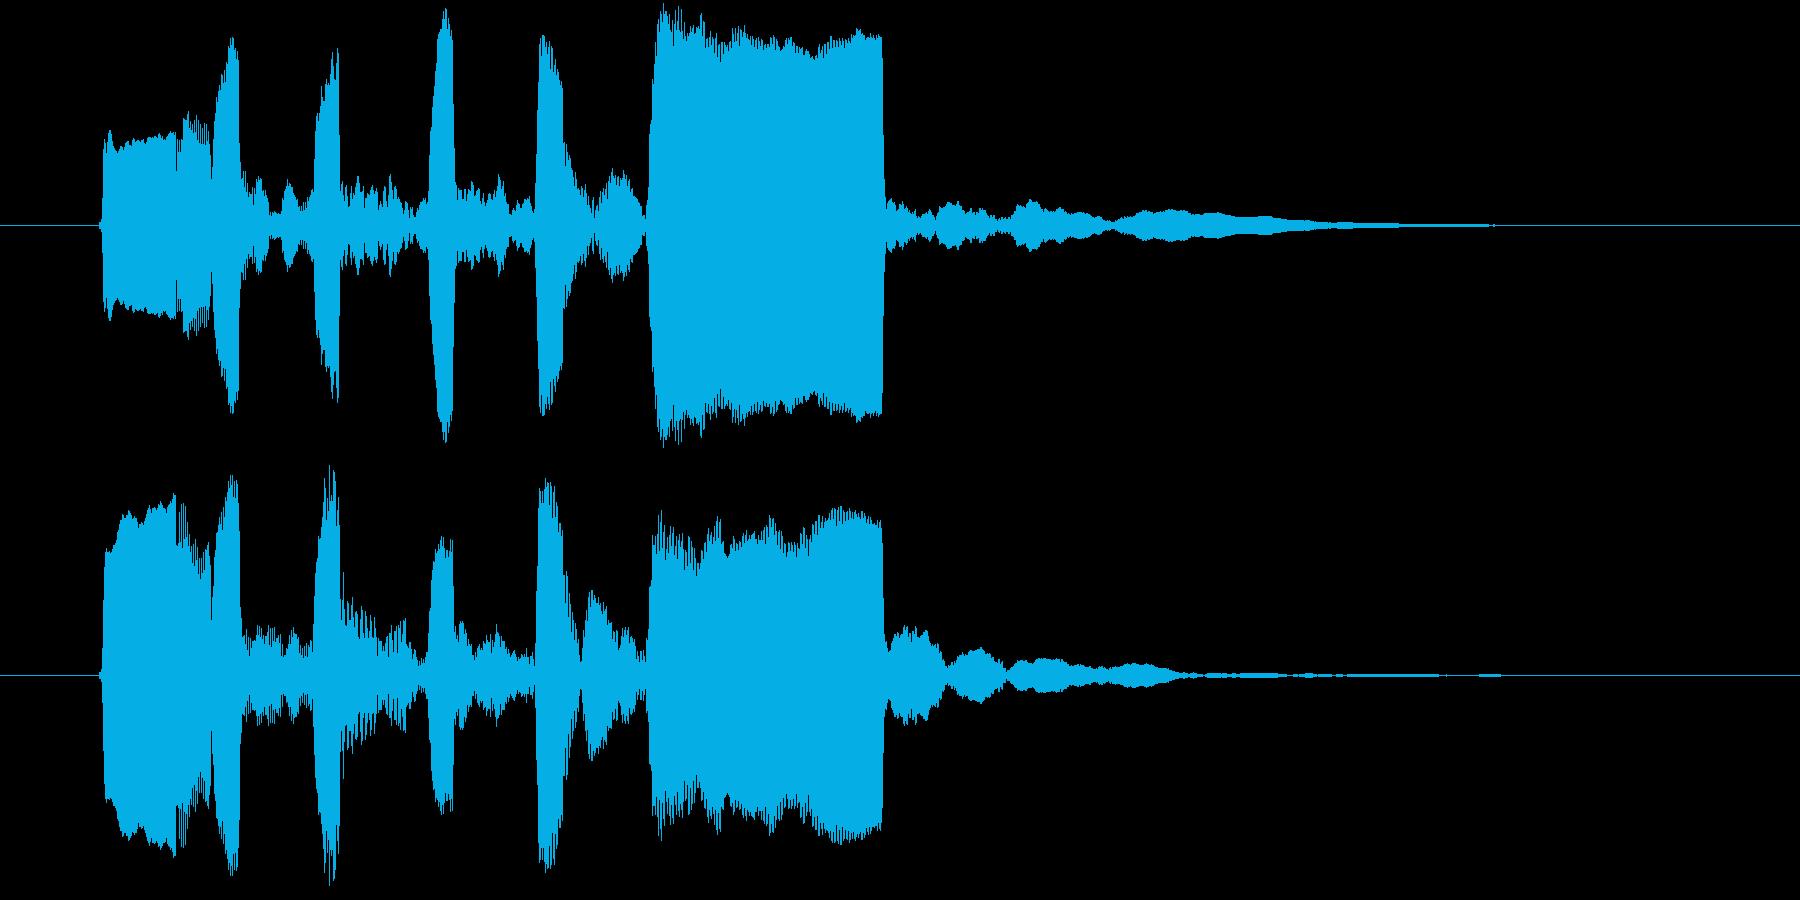 リコーダーのジングルの再生済みの波形